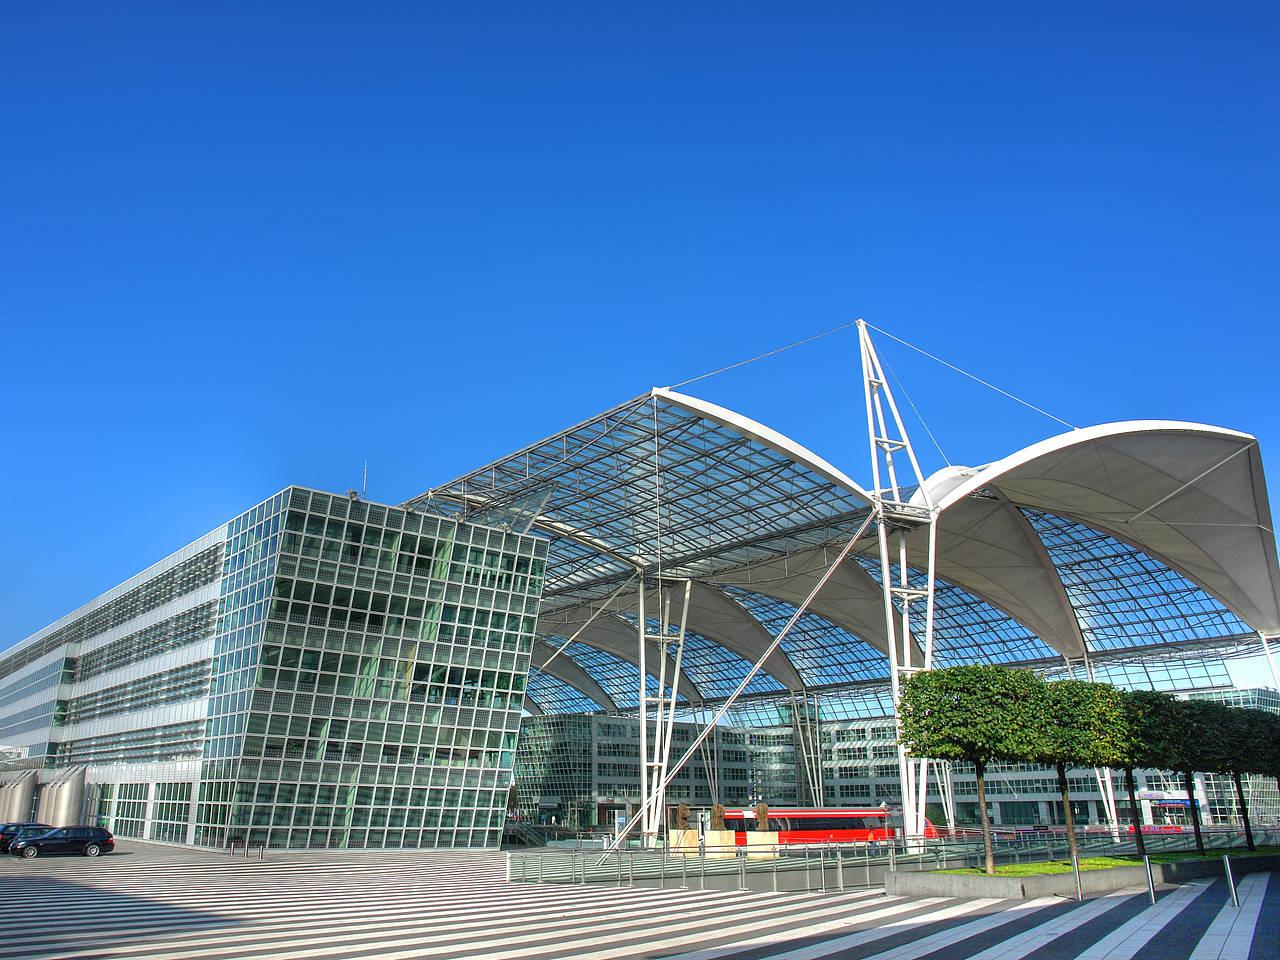 Flughafen München Fotos Zusammenstellung Der München Bilder